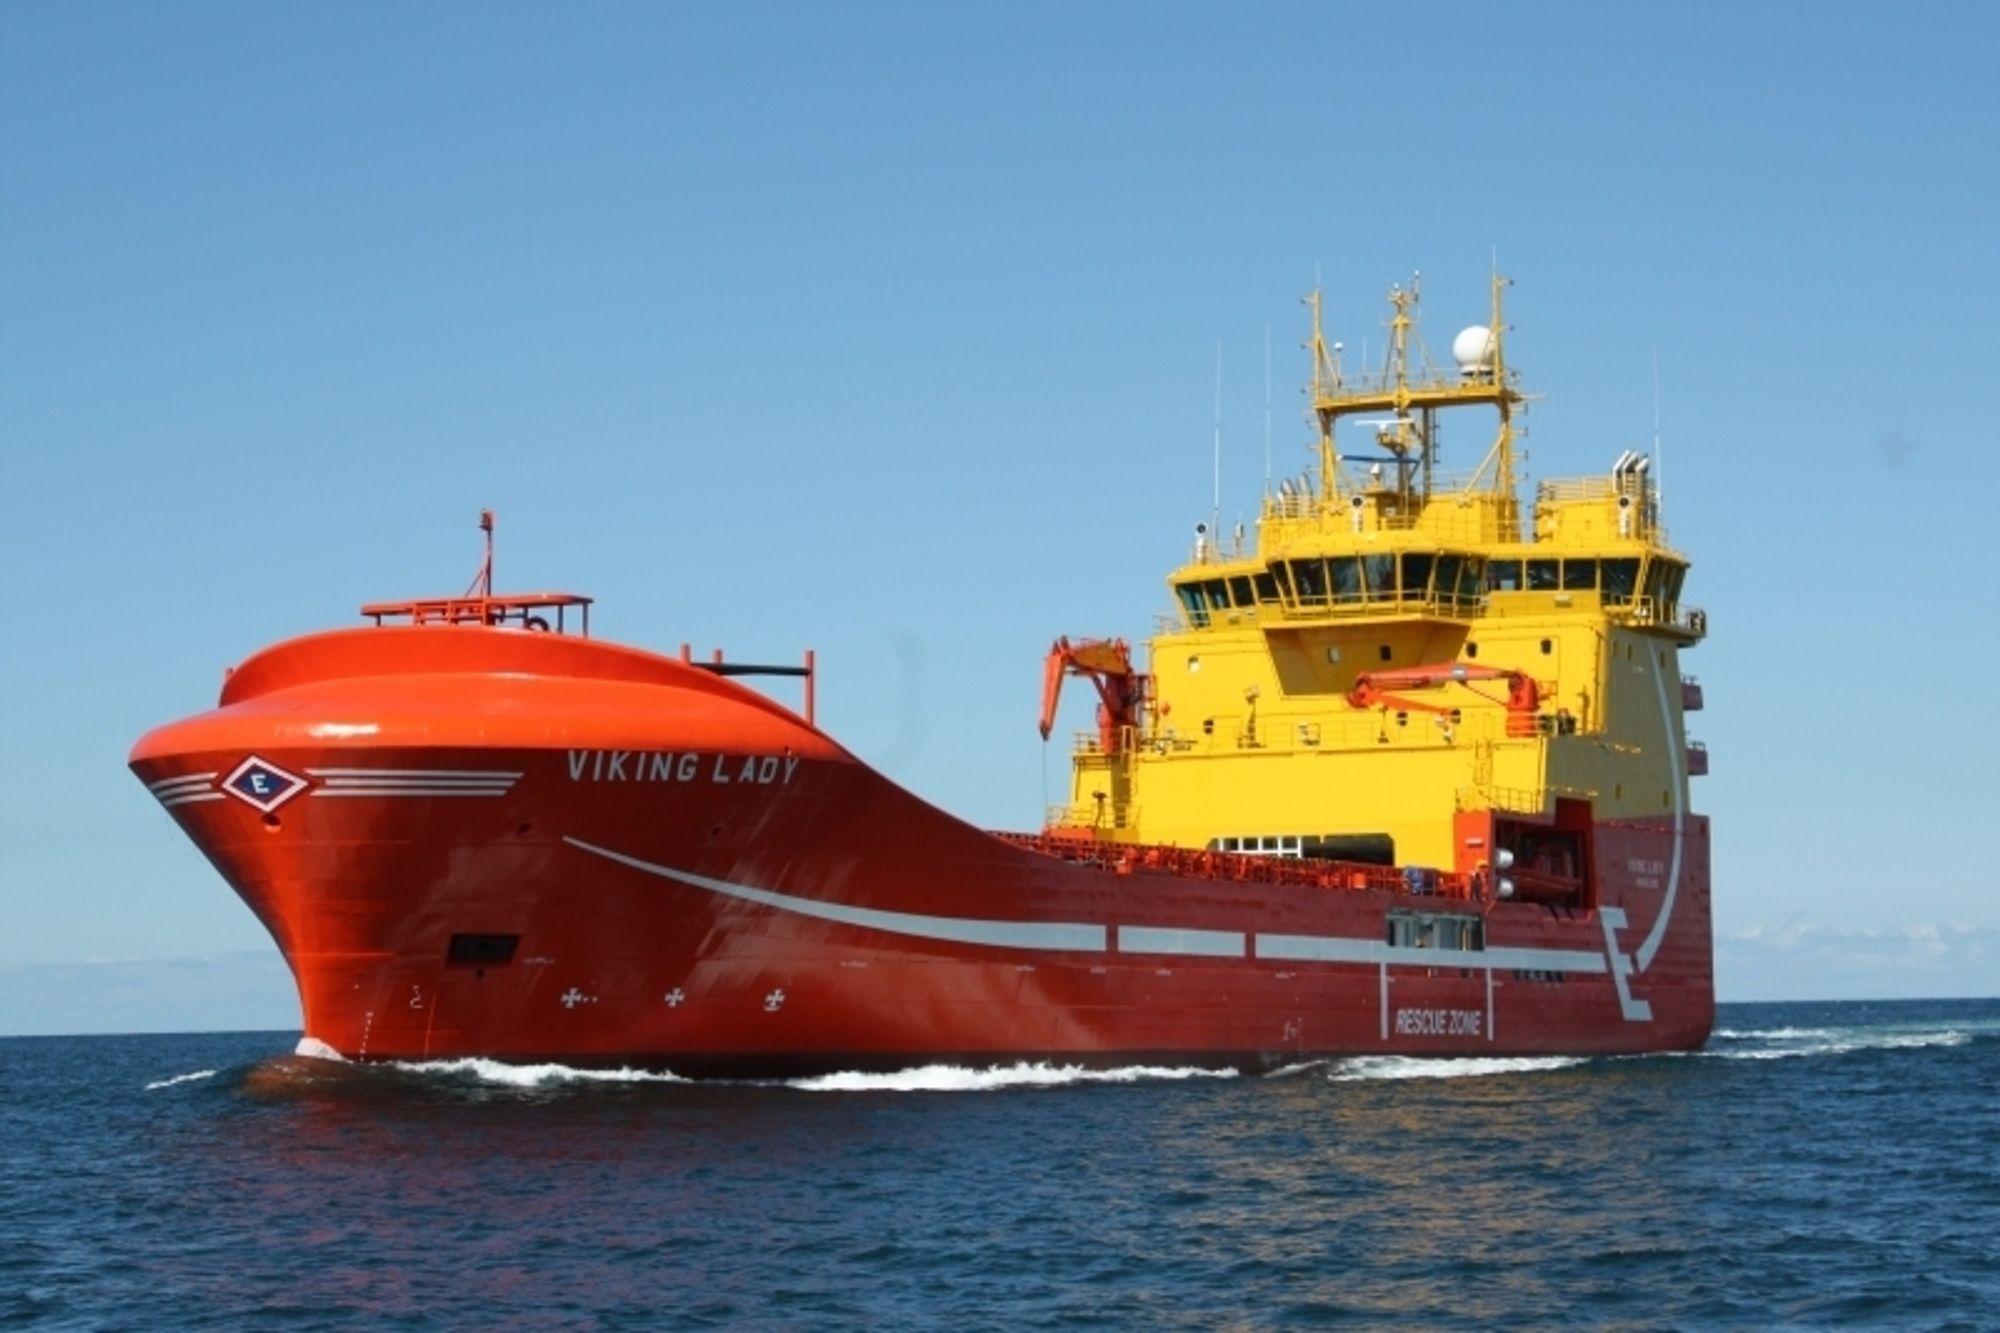 Viking Lady går på naturgass og har installert en 320 kW brenselcelle. Kraften fra cellen går inn på skipets elektriske system og gir et lite bidrag.